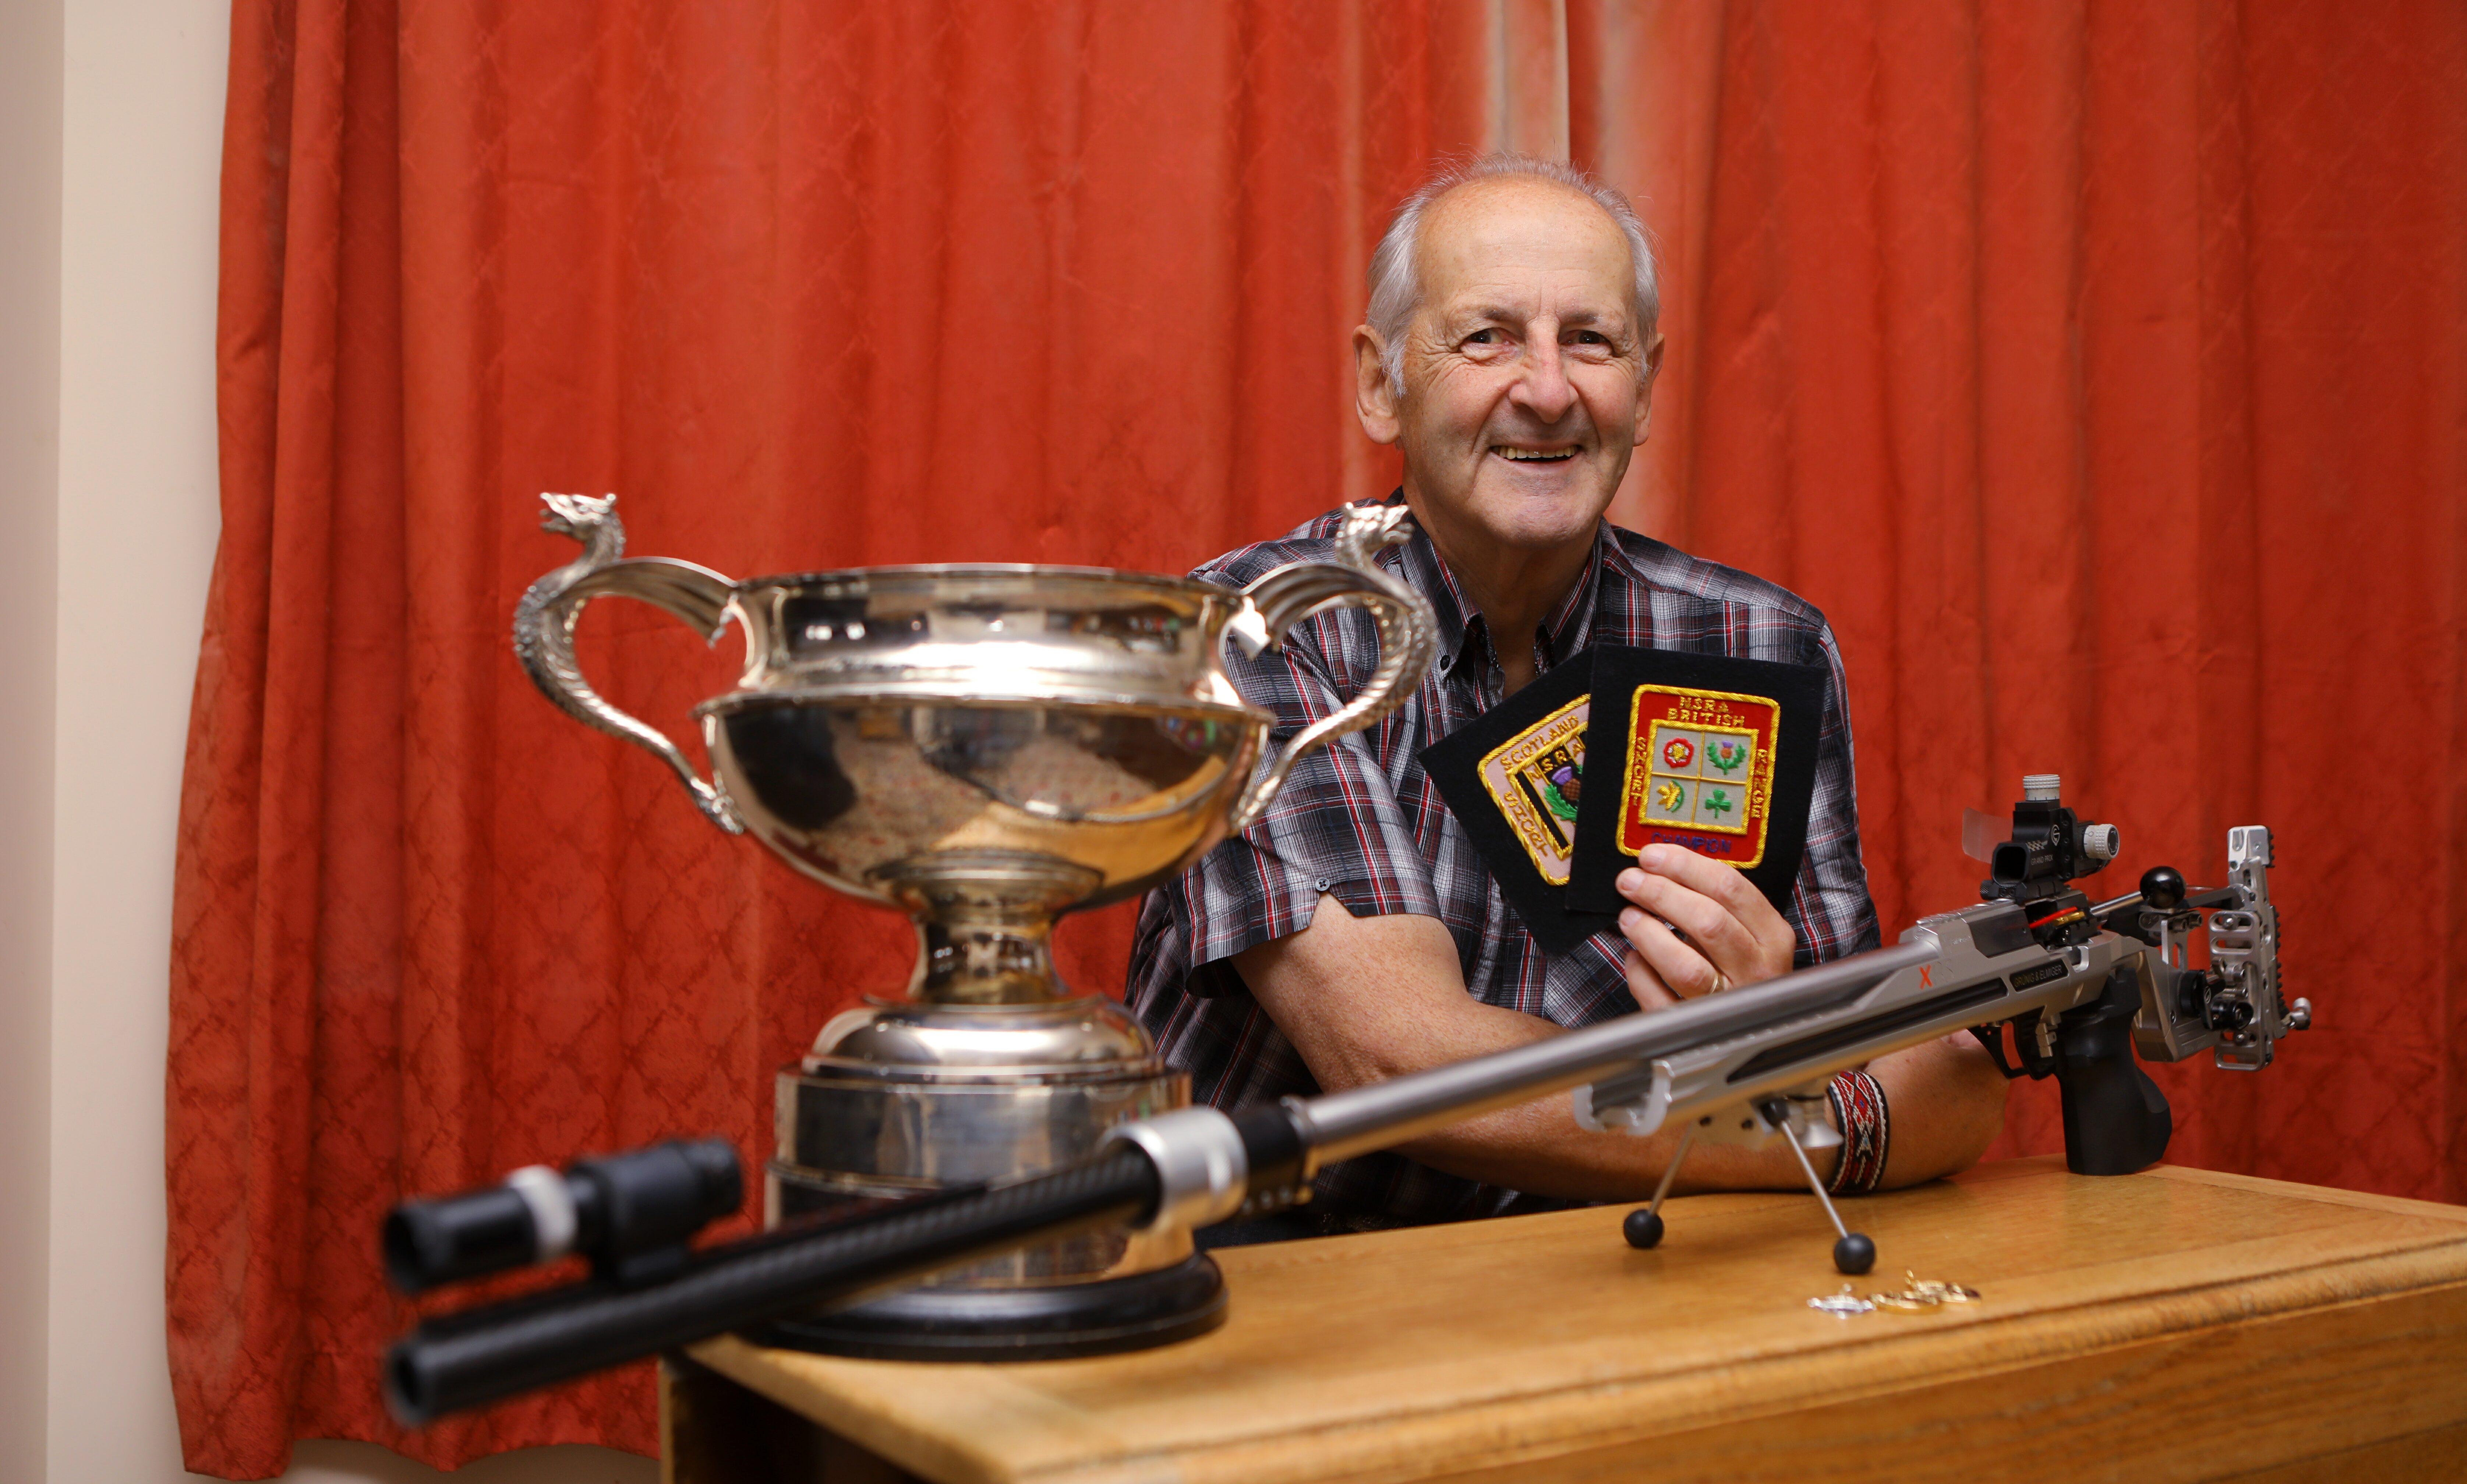 Ken Greenaway won all three championship titles.